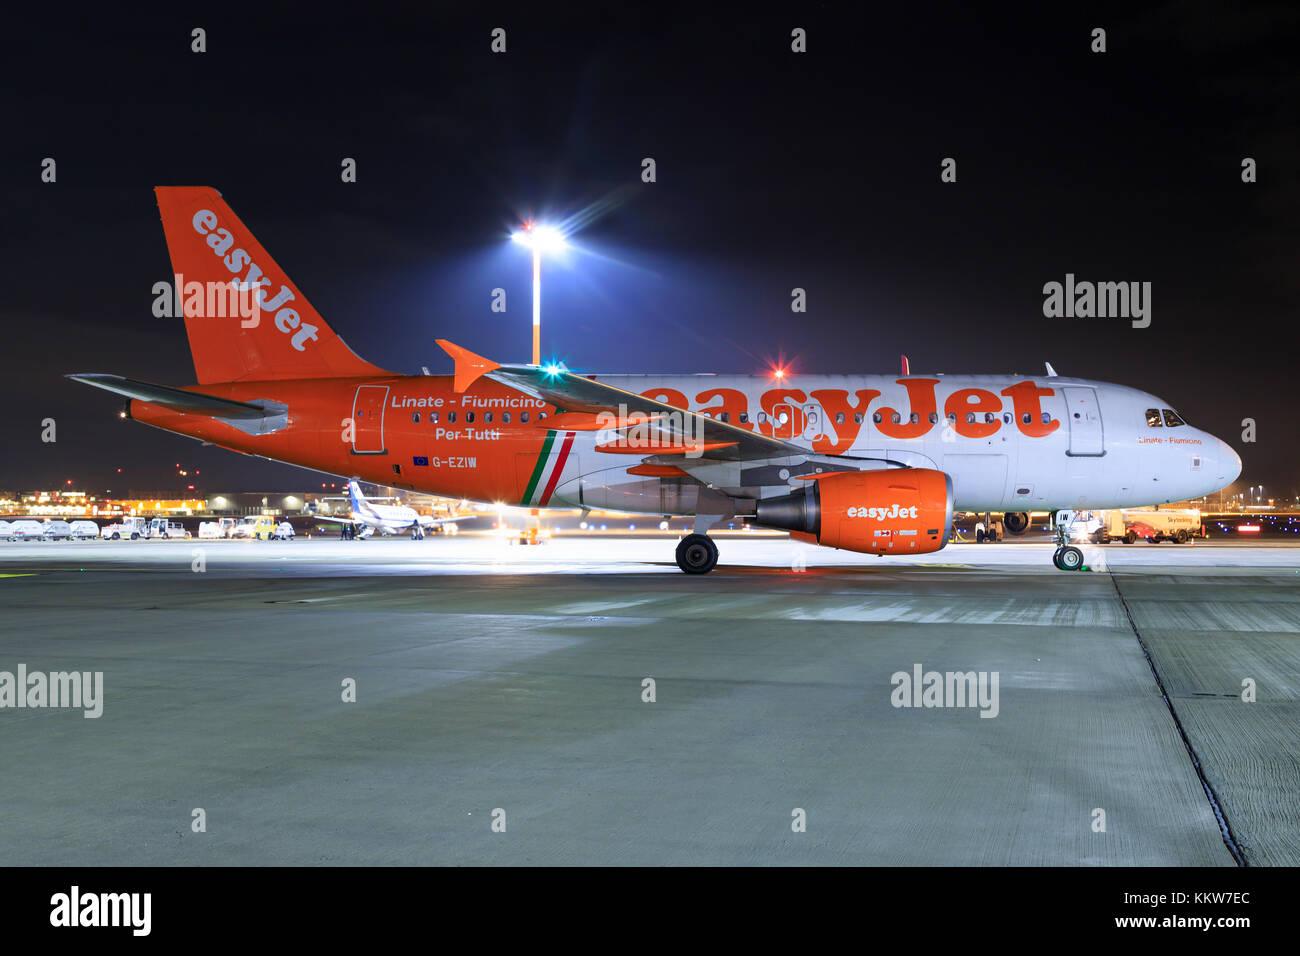 Stuttgart/Germany Oktober 27, 2017: Airbus from Easyjet at Stuttgart Airport. - Stock Image